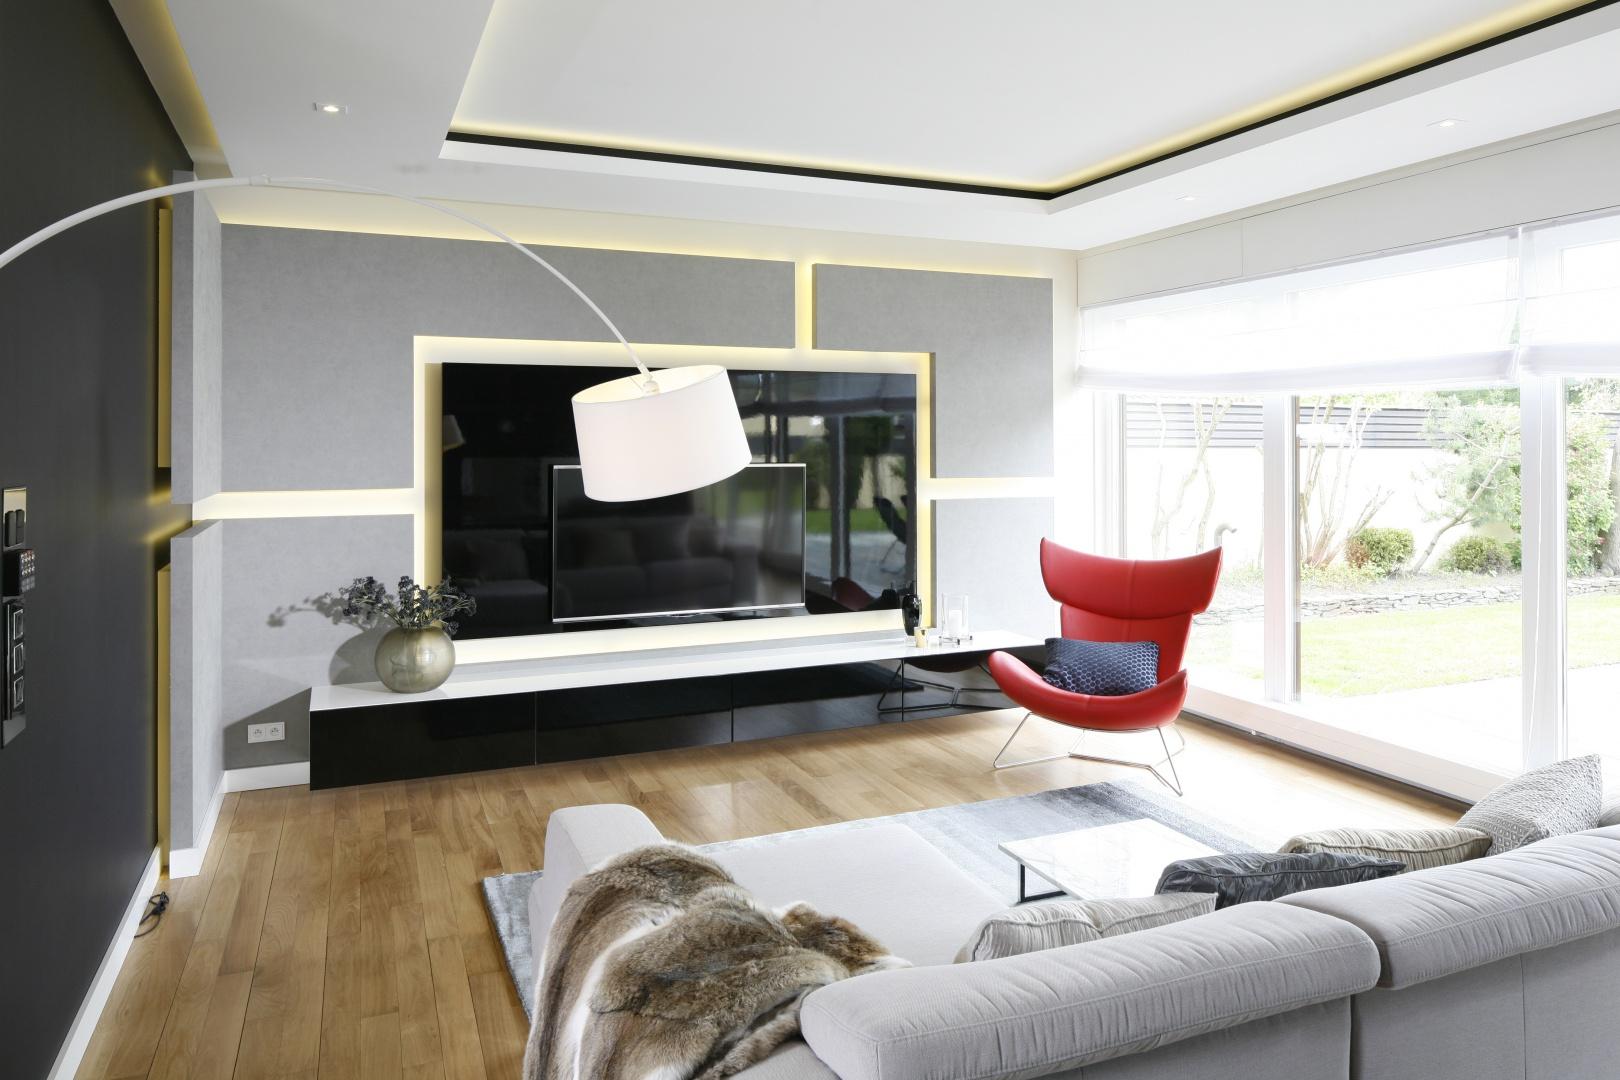 Duży telewizor gwarantuje wrażenia na najwyższym poziomie. Projekt: Agnieszka Hajdas-Obajtek. Fot. Bartosz Jarosz